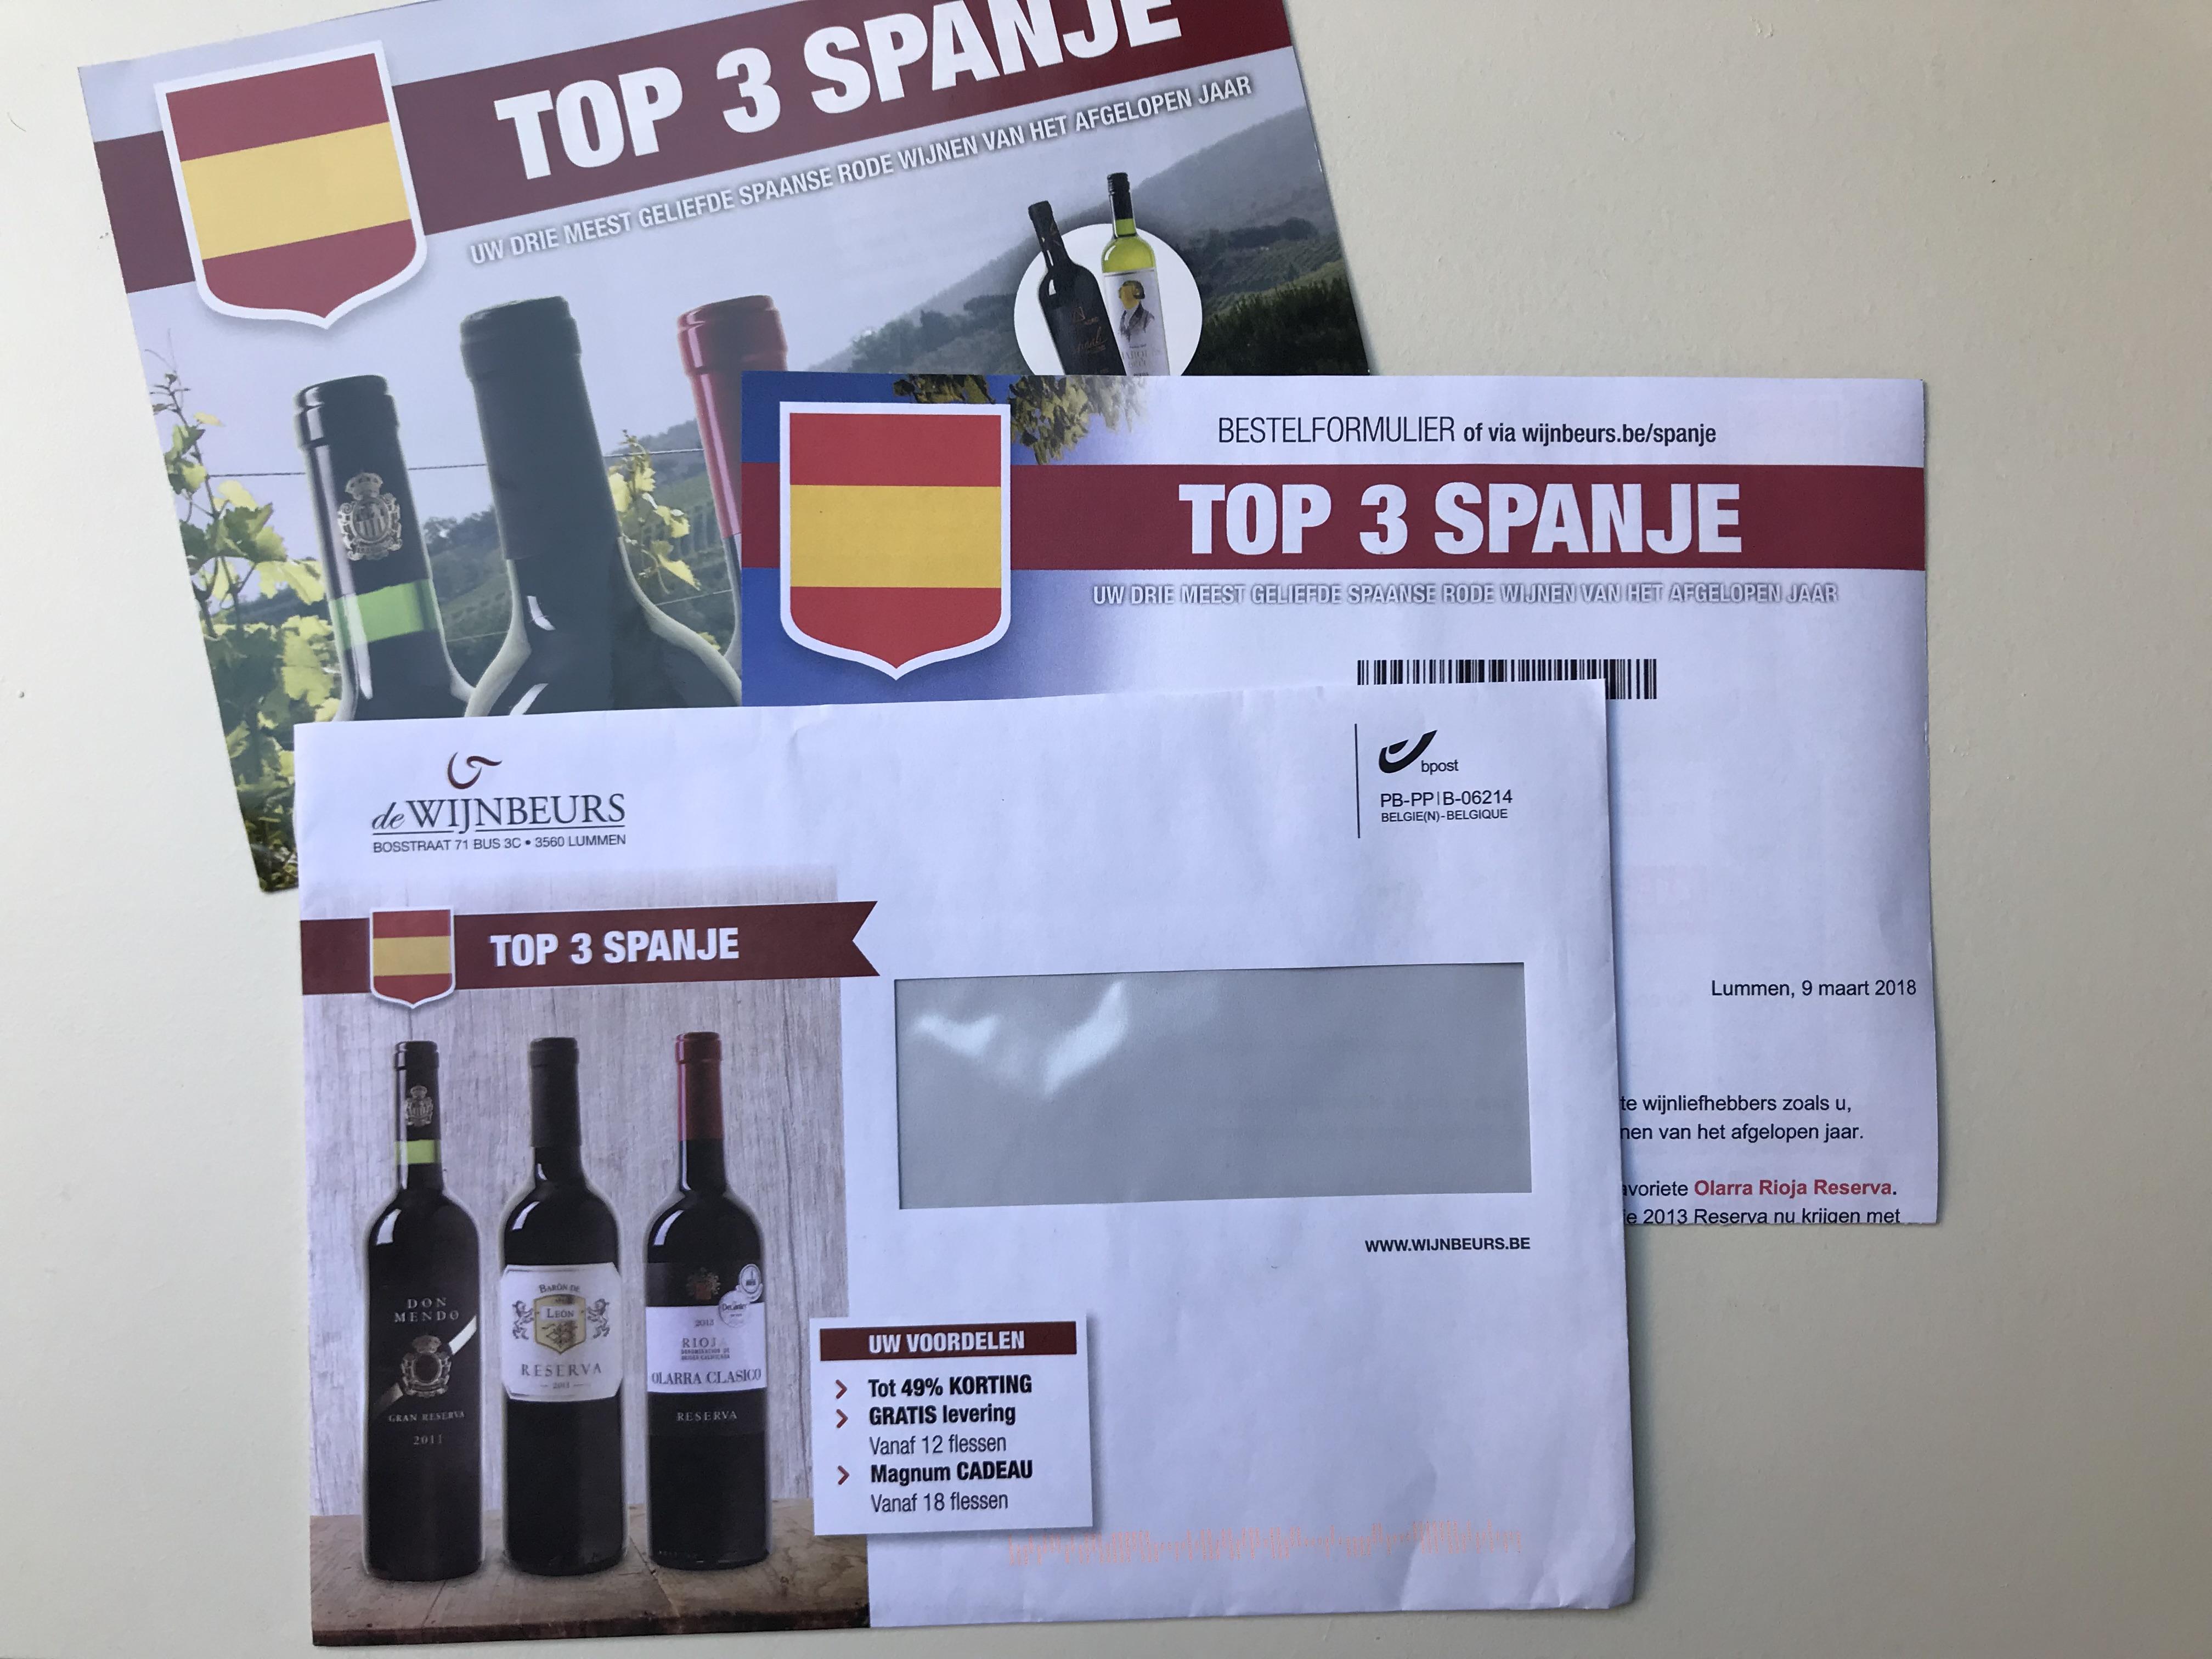 de-wijnbeurs-upselling-direct-mail